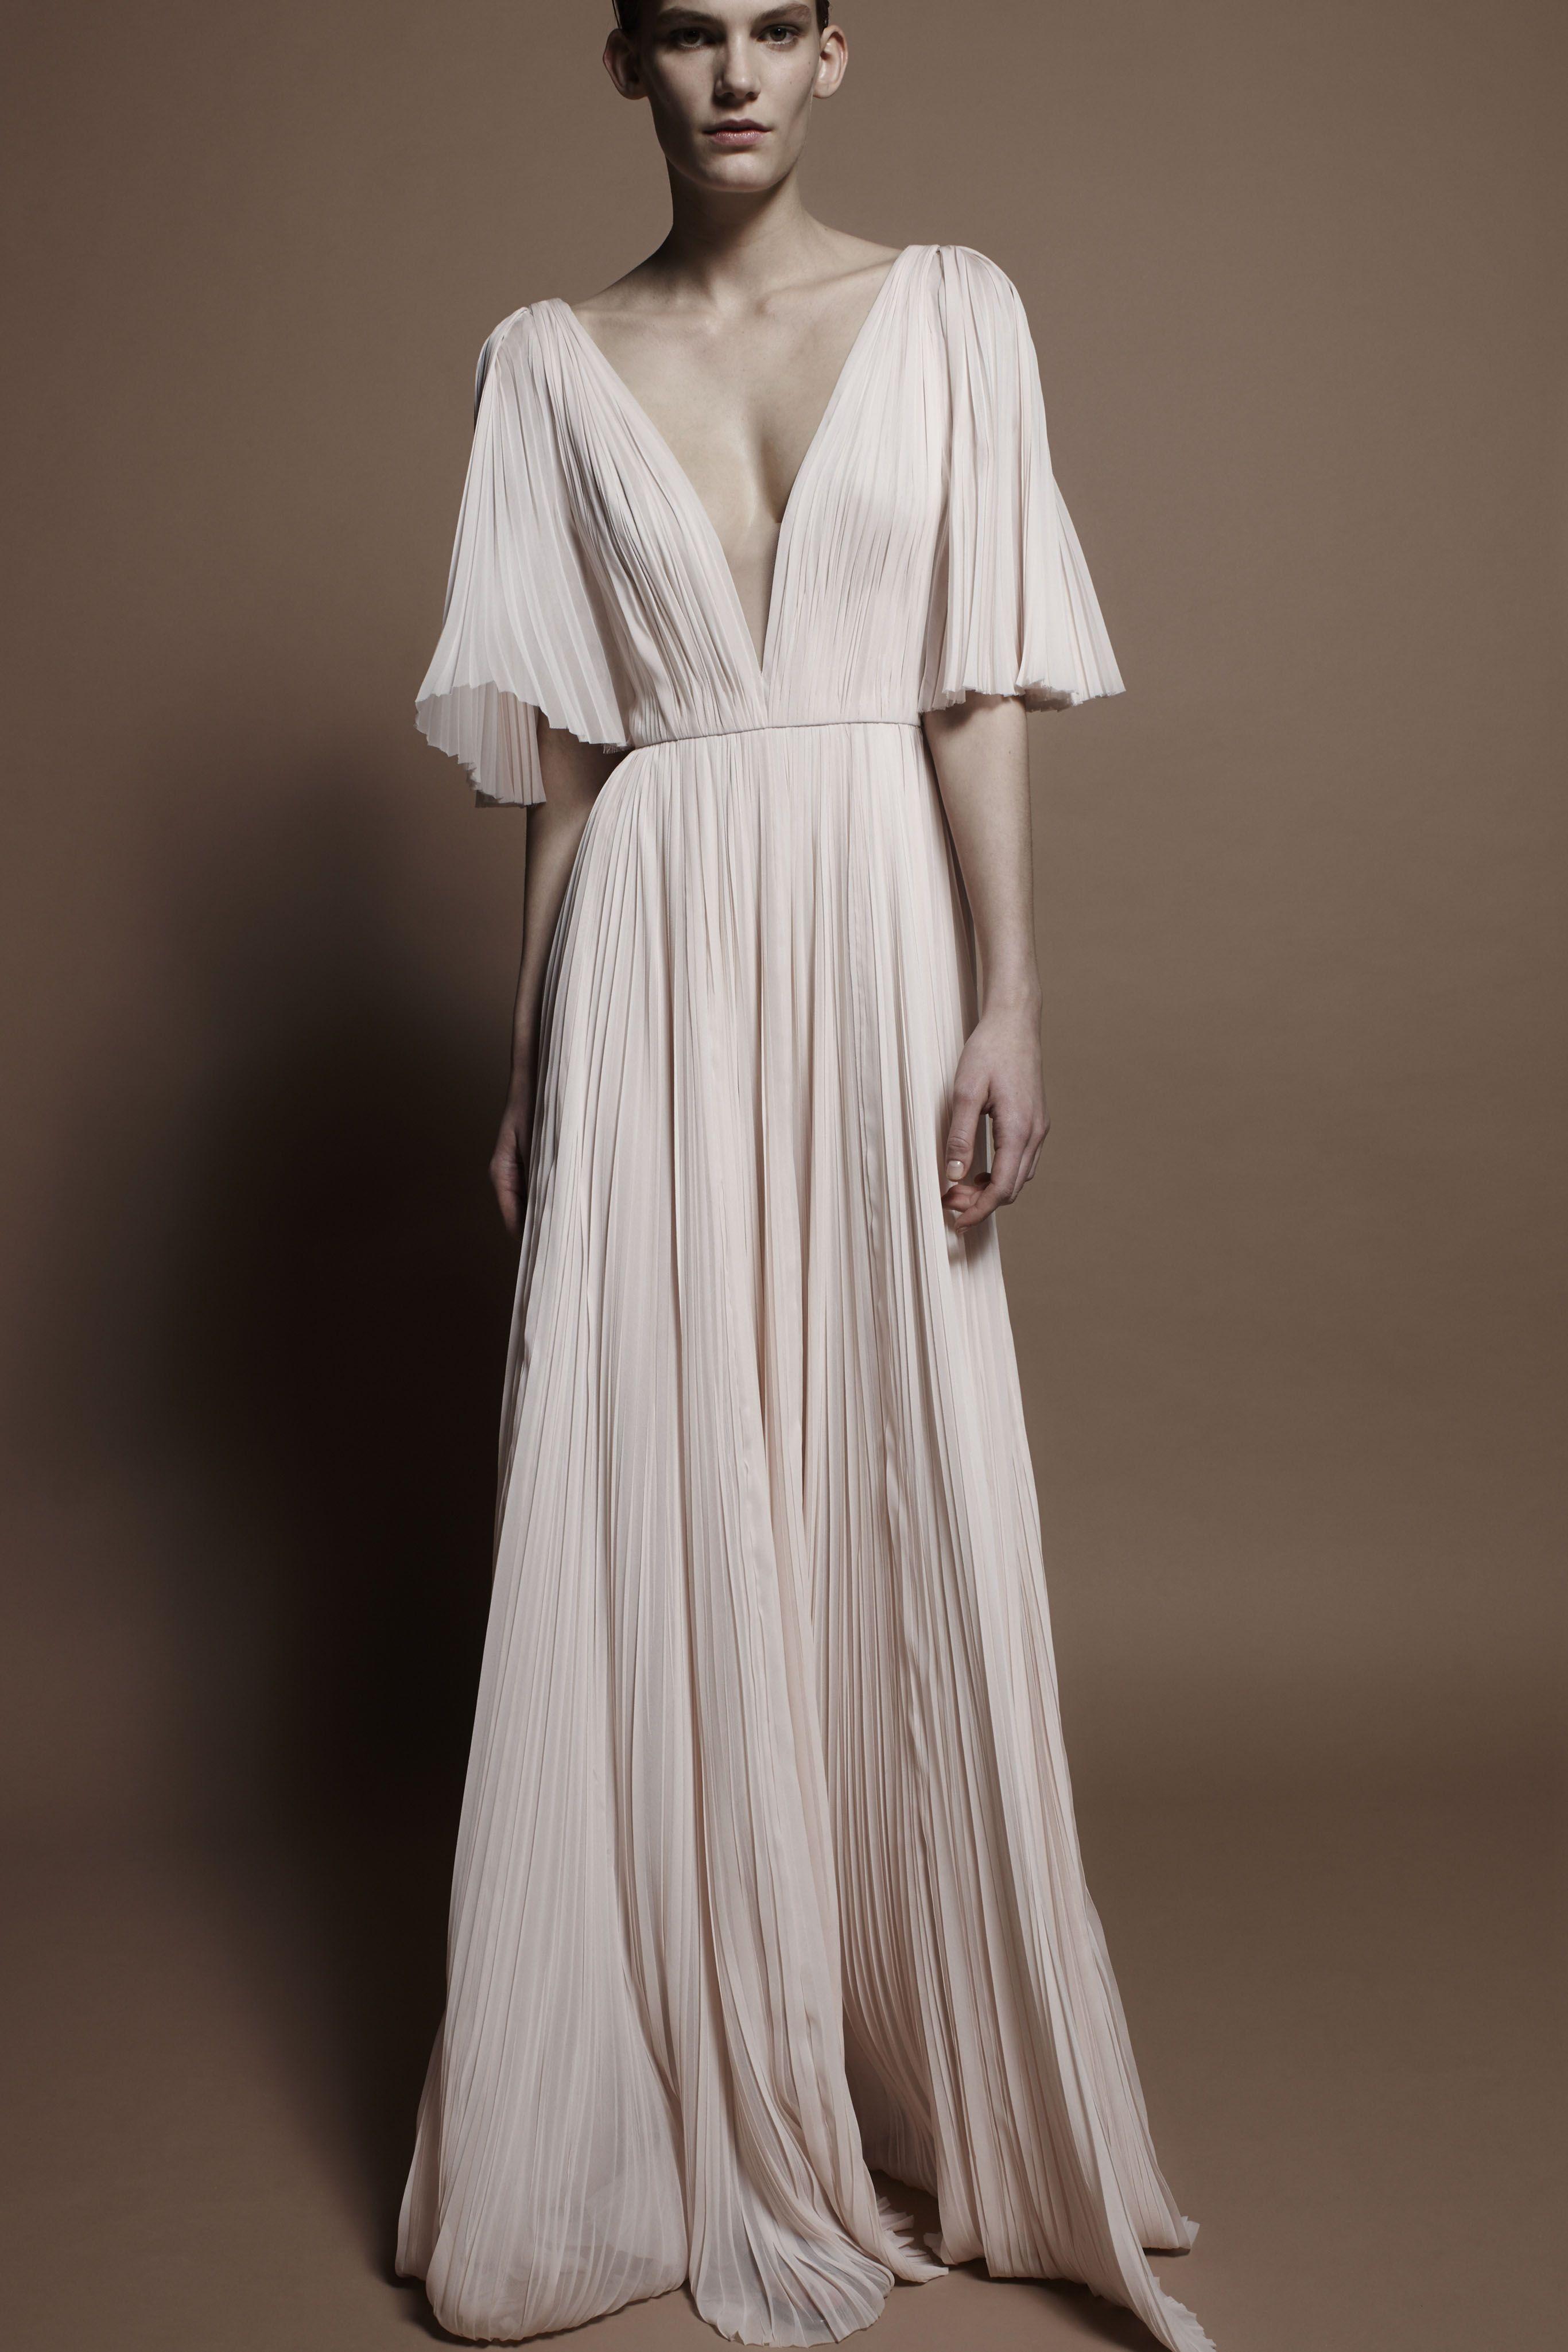 flowy blush wedding dress